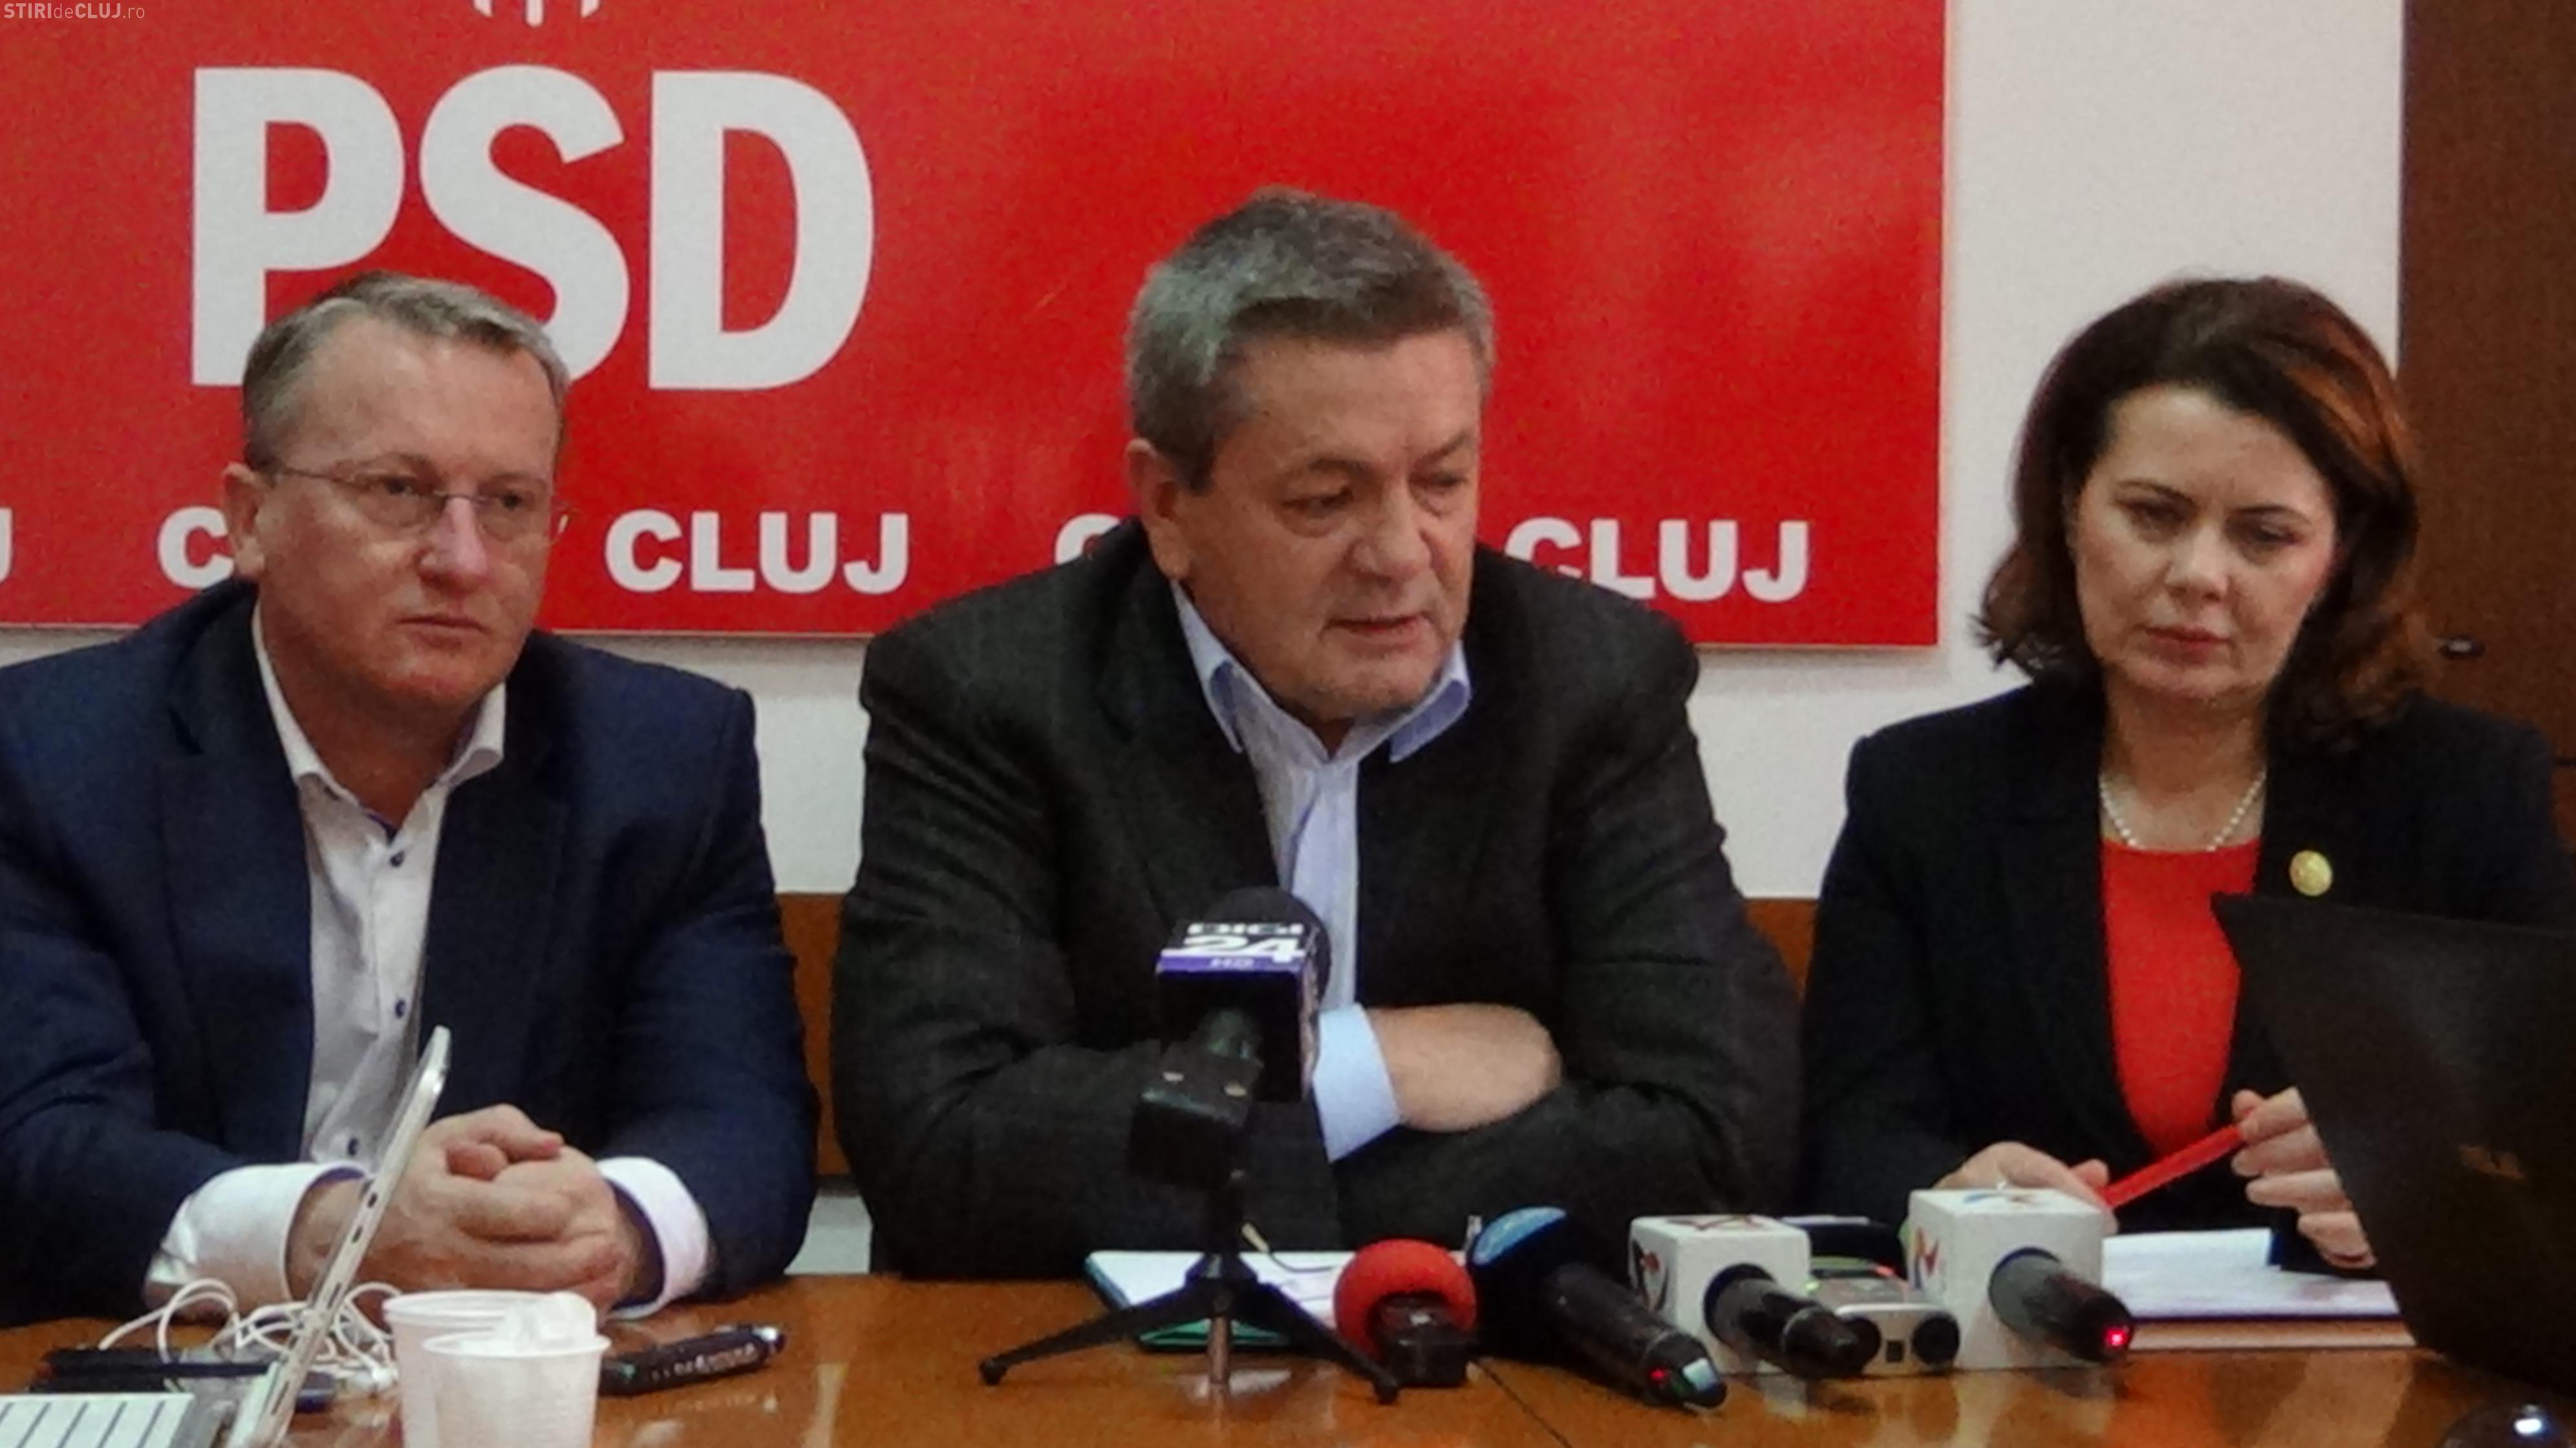 Ioan Rus: Vom circula în 2017 de la Cluj la Borș pe Autostrada Transilvania - VIDEO